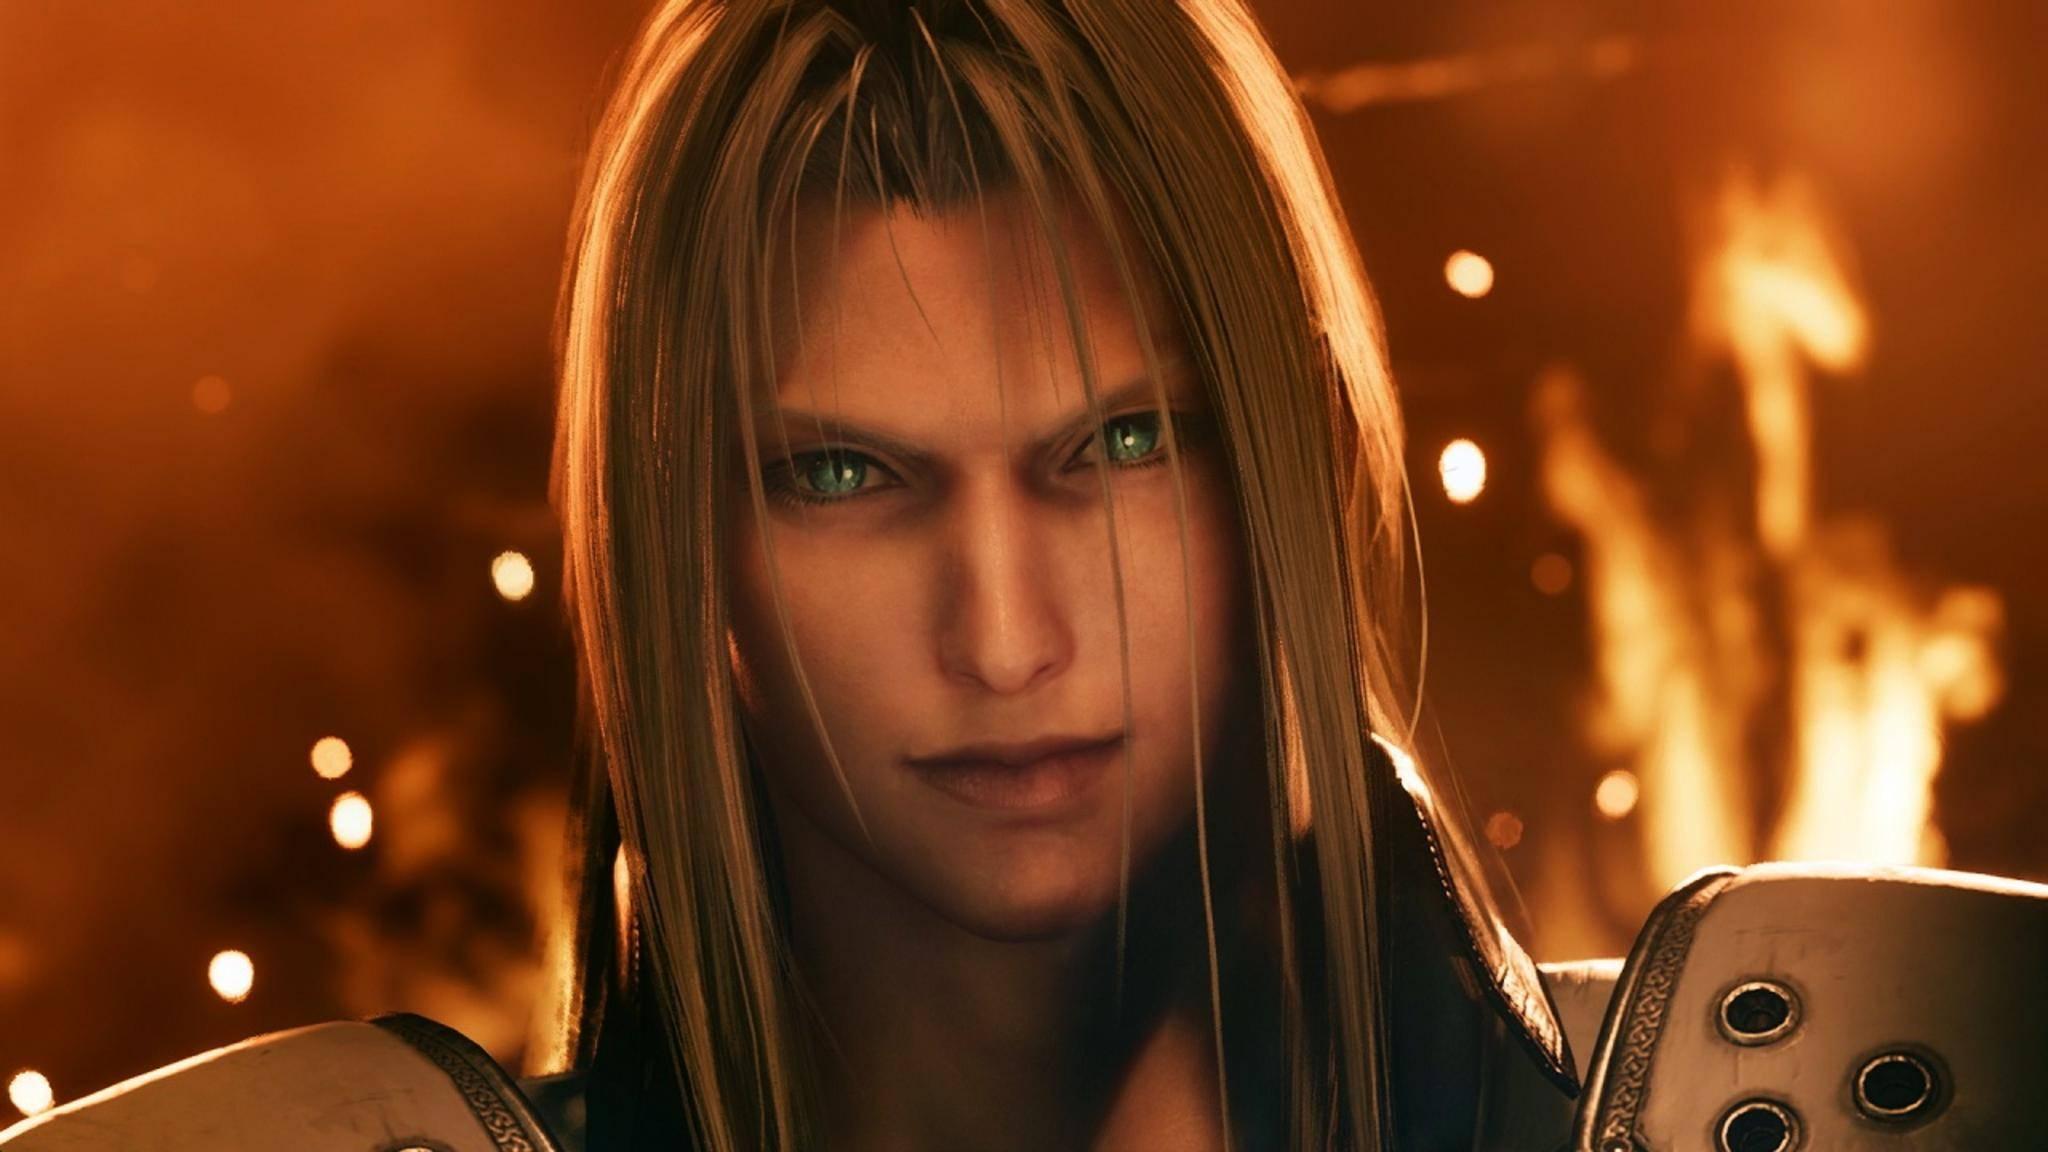 Ein Spiele-Abo von Square Enix könnte speziell für Final Fantasy-Fans interessant sein.